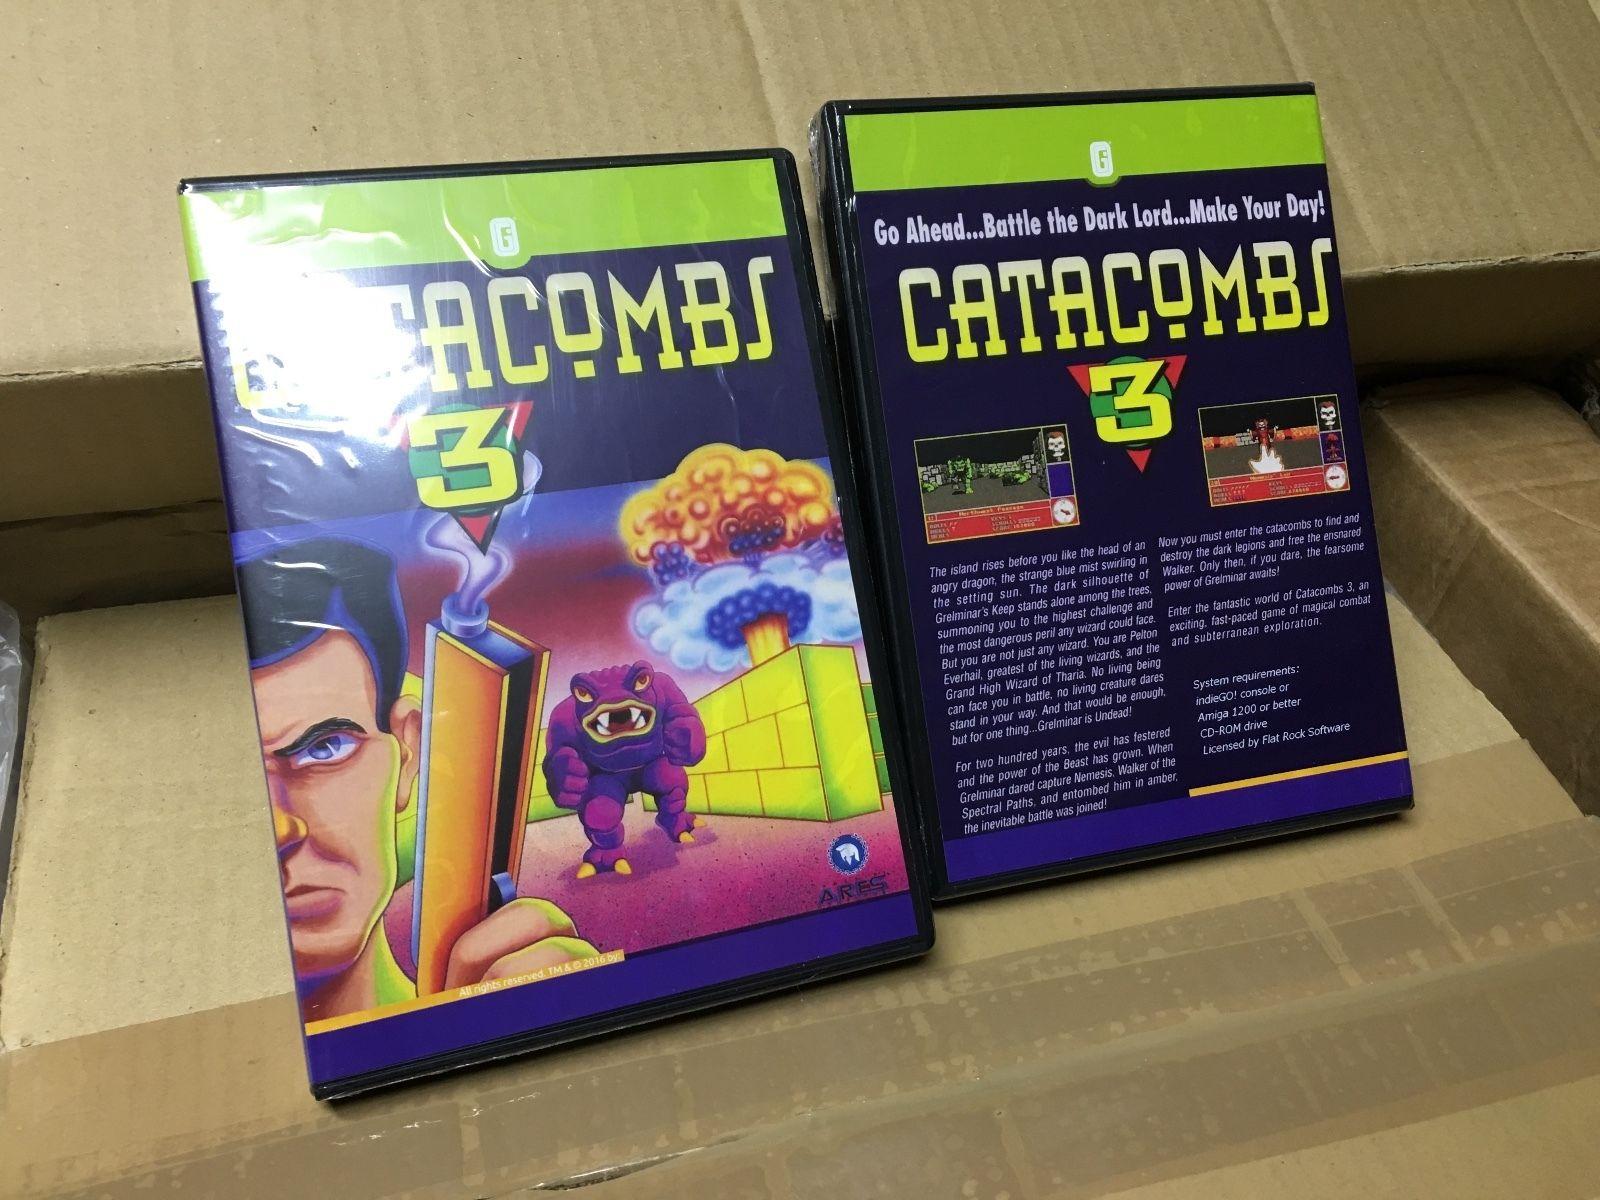 Catacomb3D